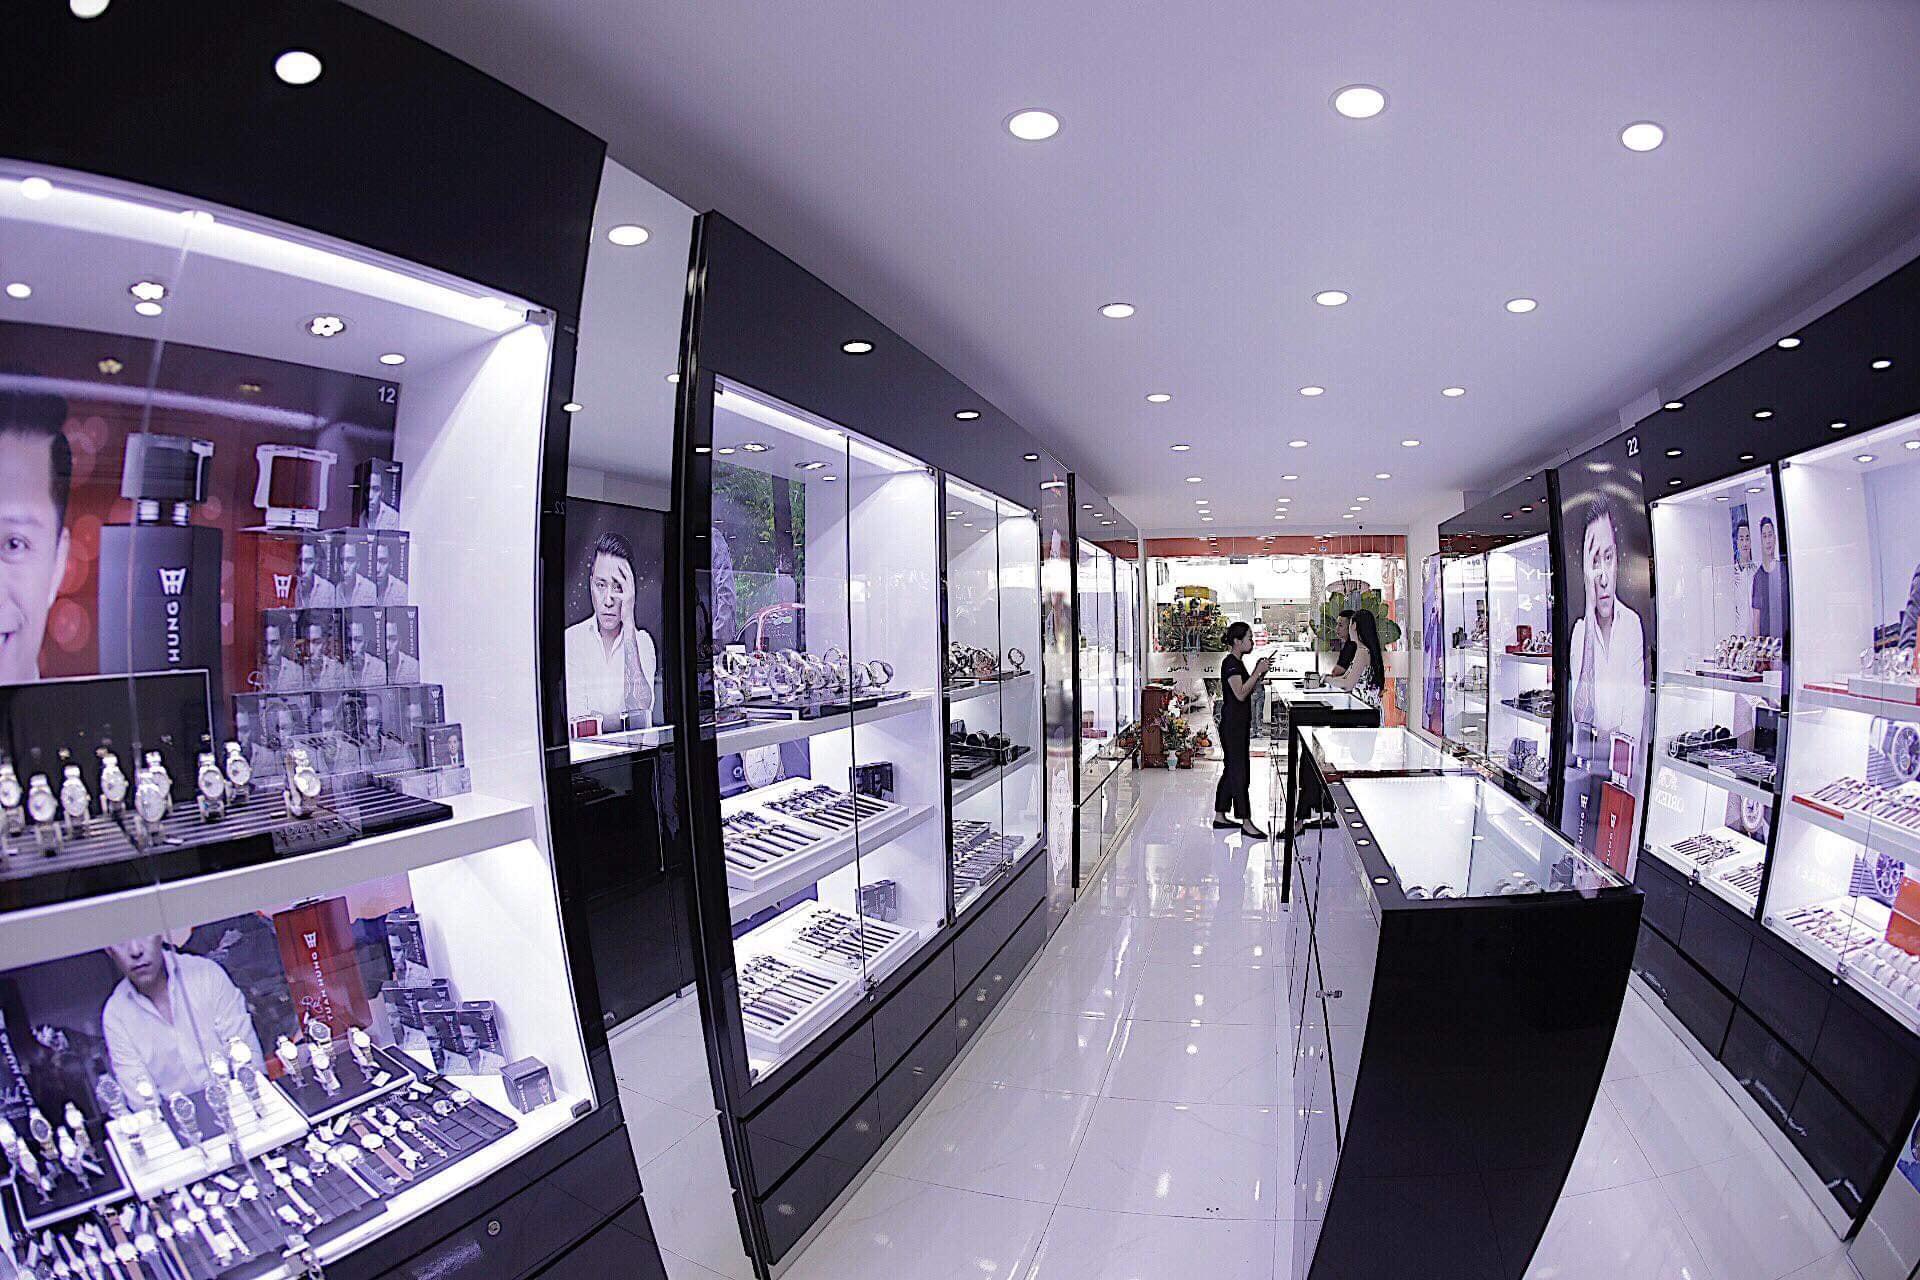 Tuấn Hưng lên chức ông chủ, mở cửa hàng chục tỷ đồng tại TP.HCM 3